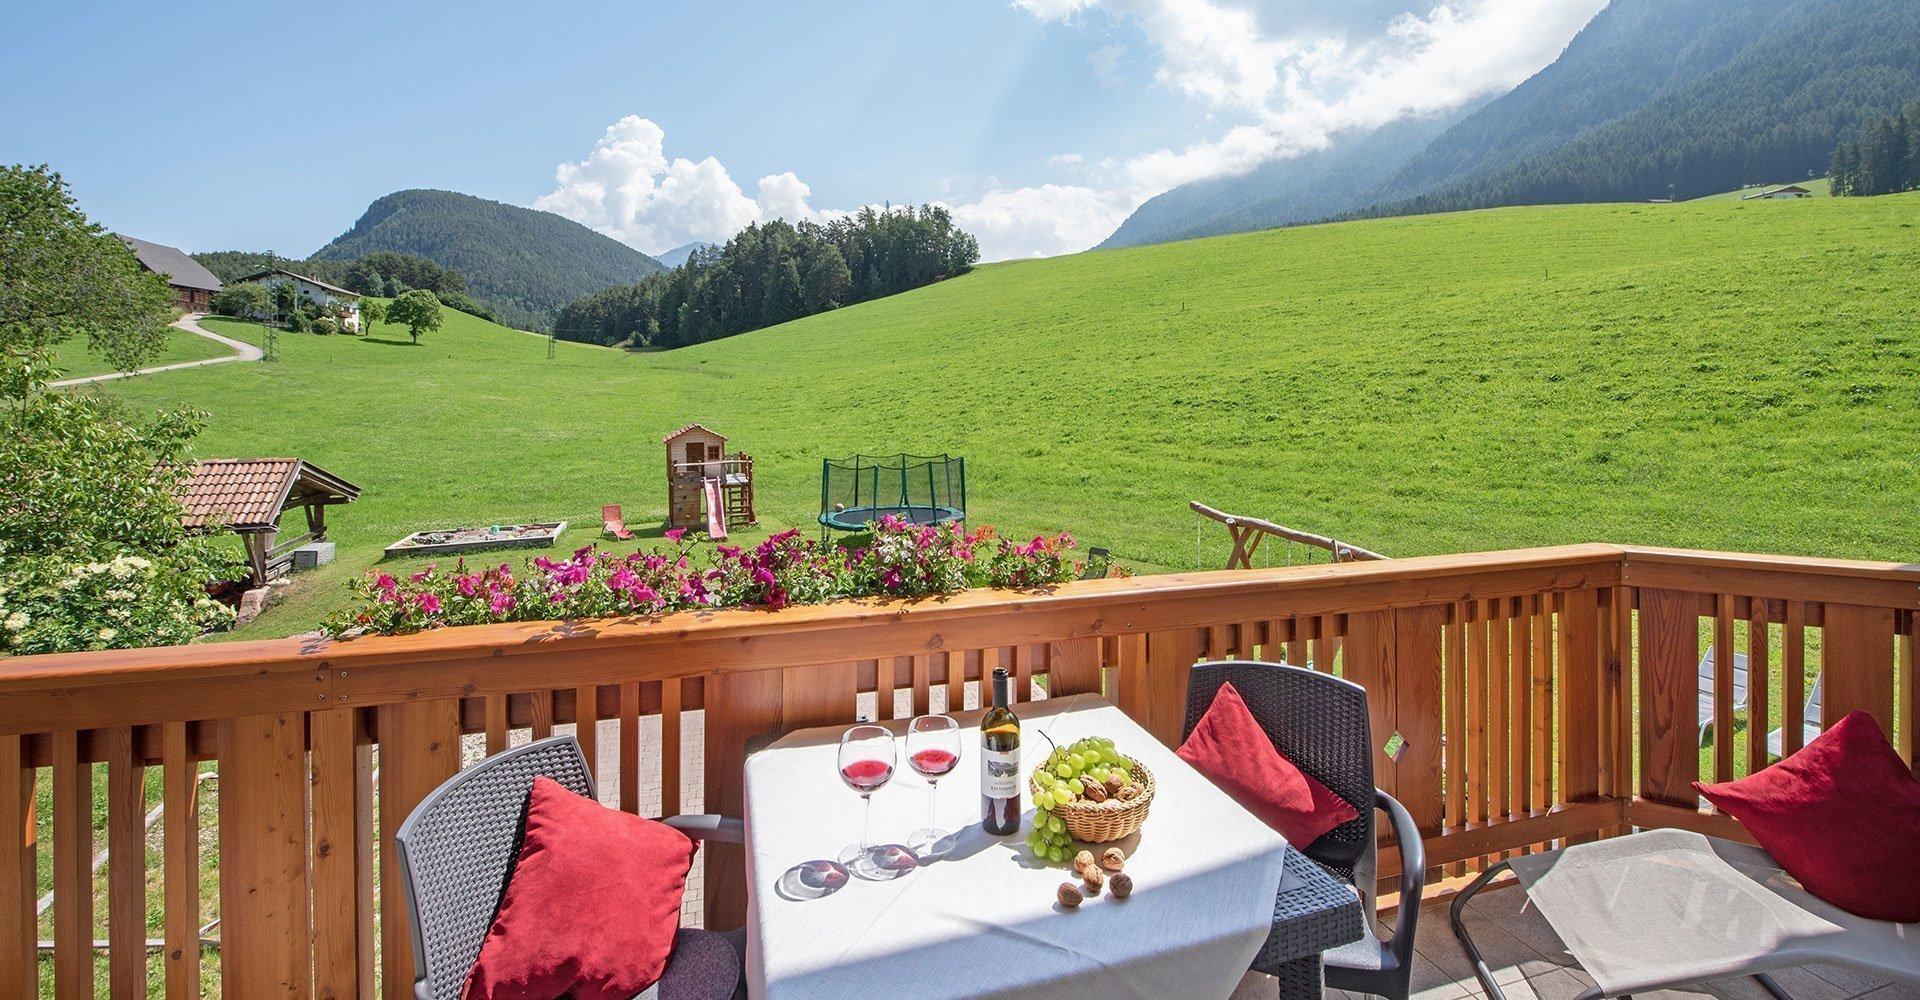 Radauerhof | Ferien in Kastelruth - Urlaub in Südtirol